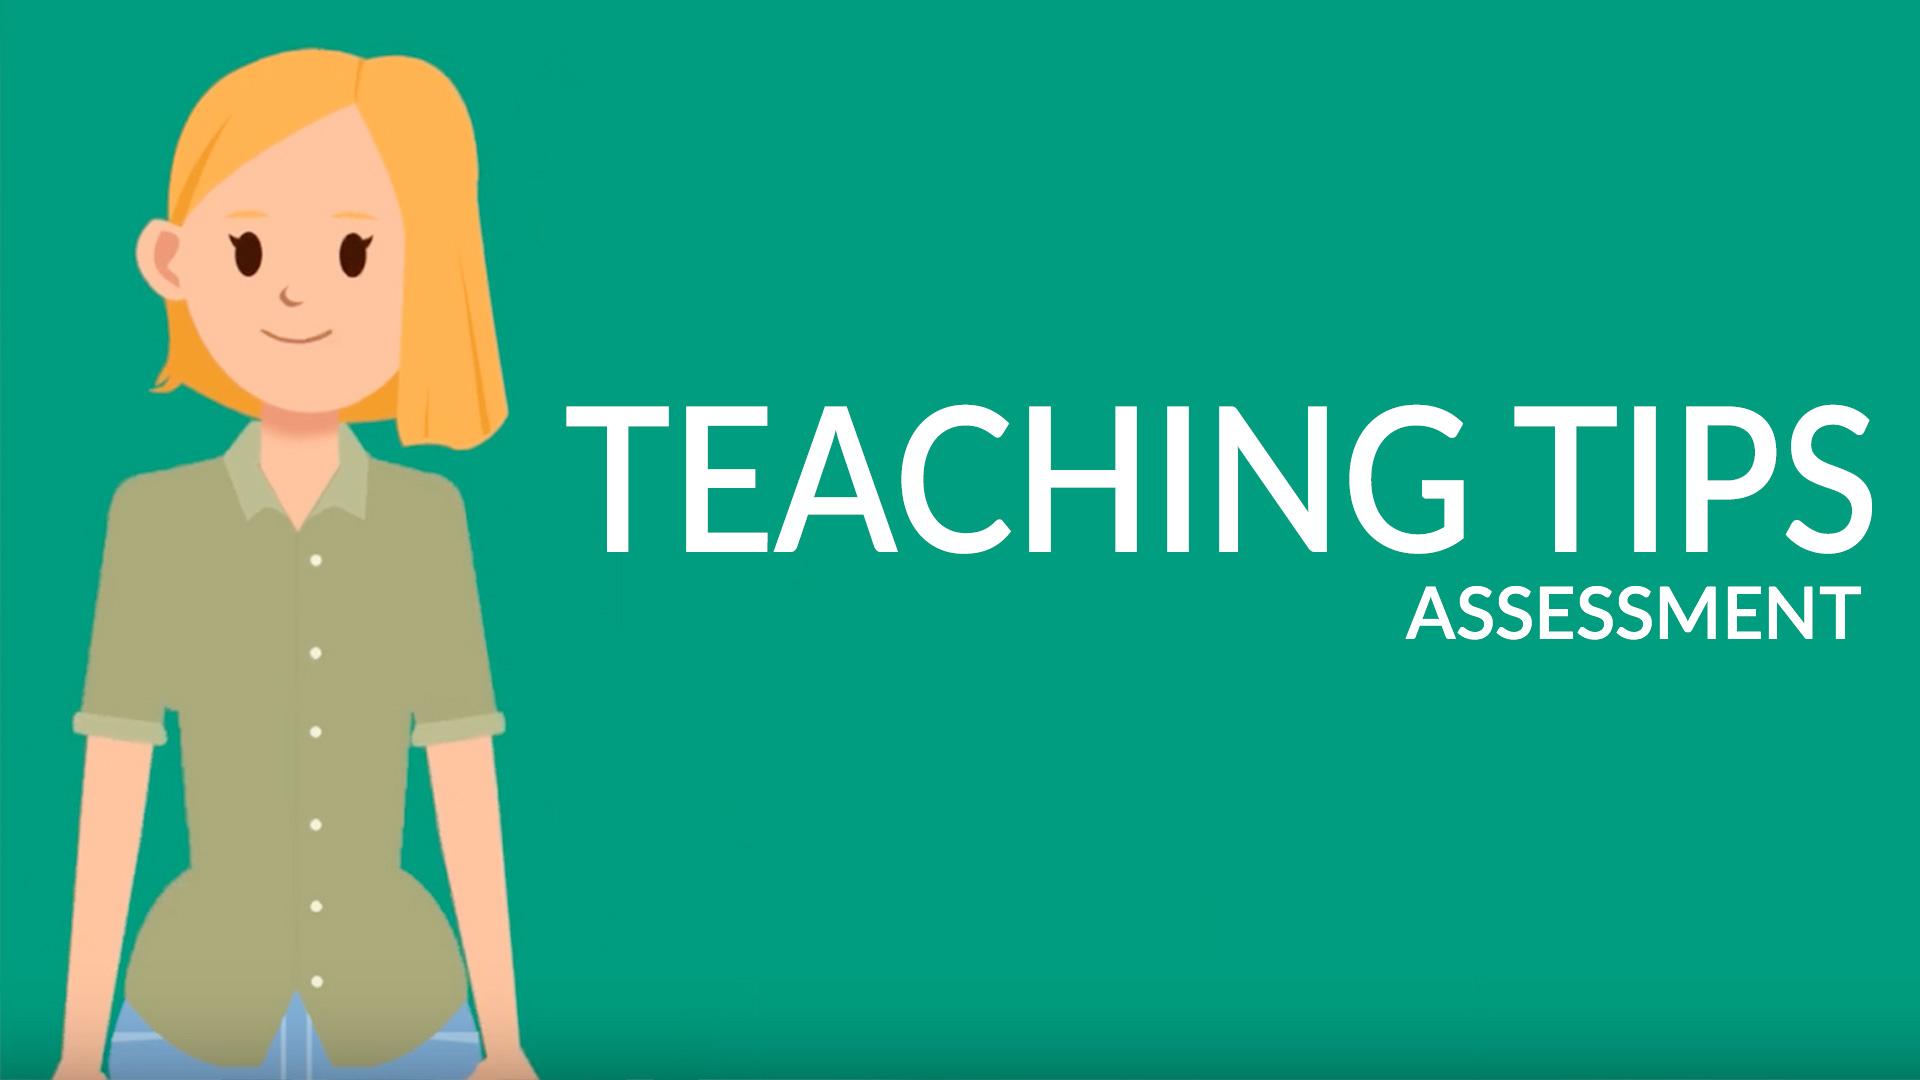 Teaching Tips Assessments